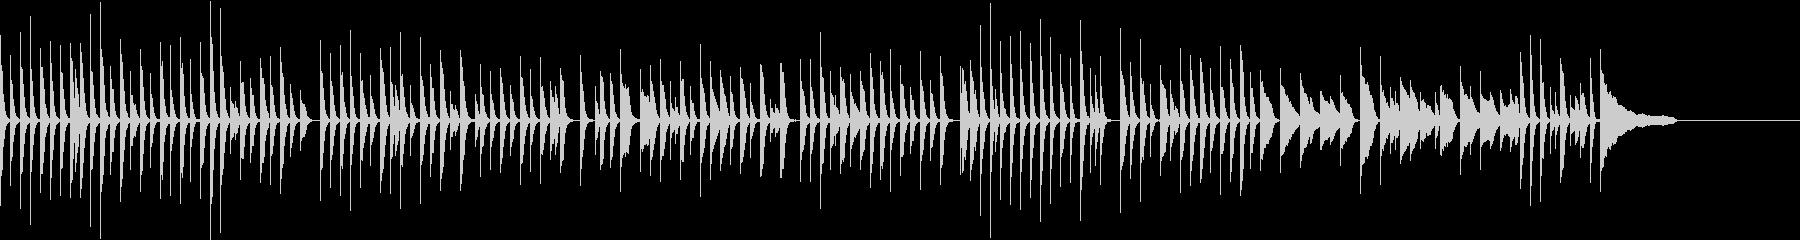 たんたんとした日常会話に合う音楽の未再生の波形